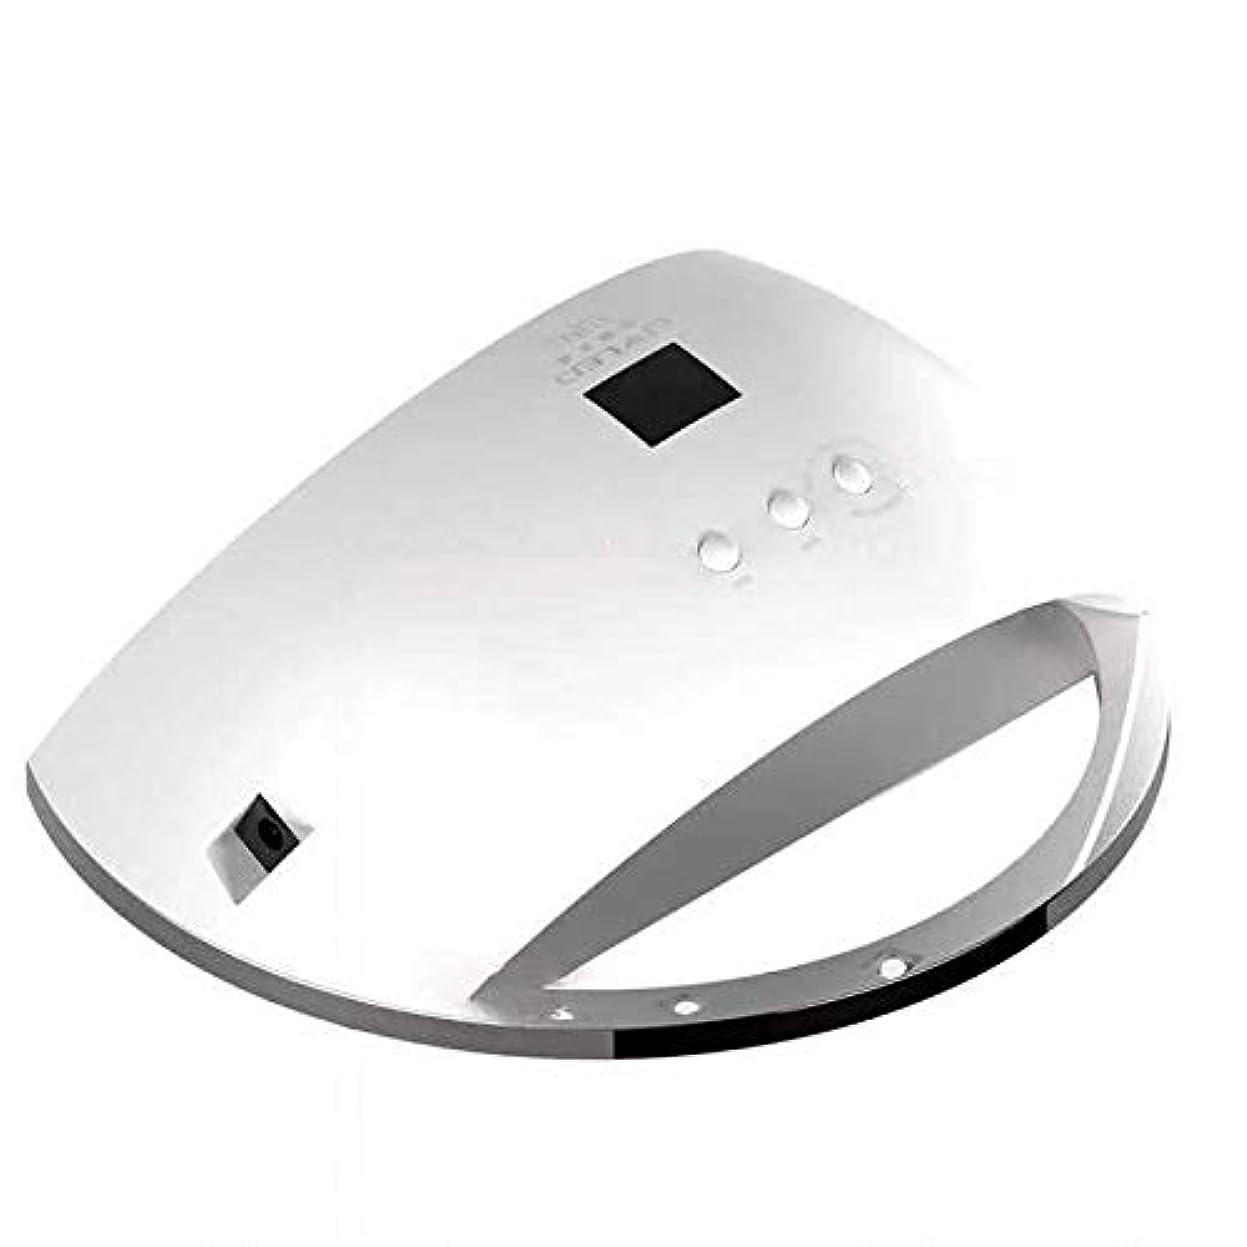 裂け目アルプス所有者ゲルのマニキュア、3つのタイマーの設定のための紫外線/ LED 48Wネイルドライヤーの治癒ランプ